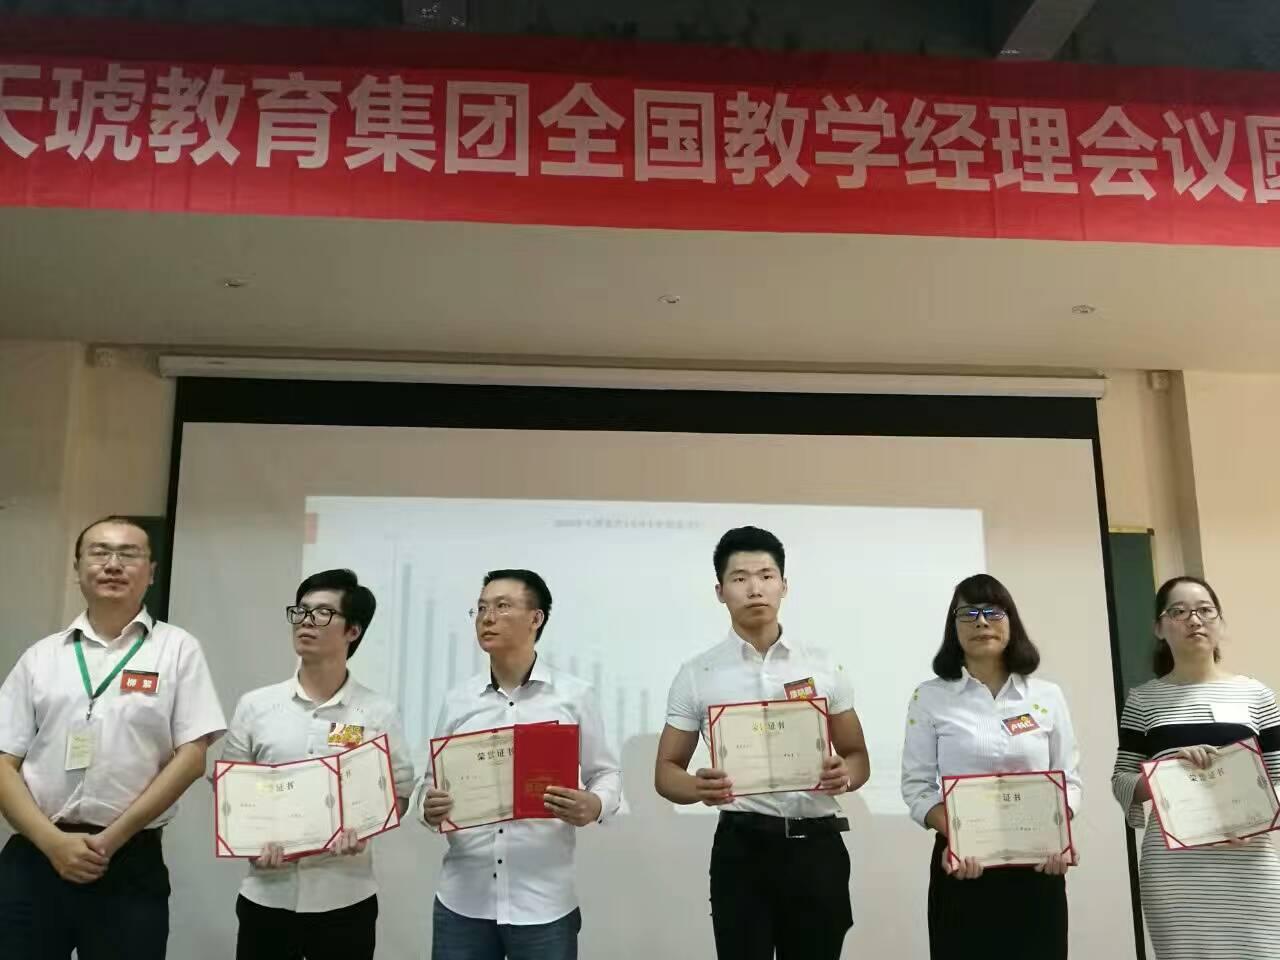 光谷平面设计培训班,杨家湾天琥设计平面设计学多久,广埠屯天琥平面